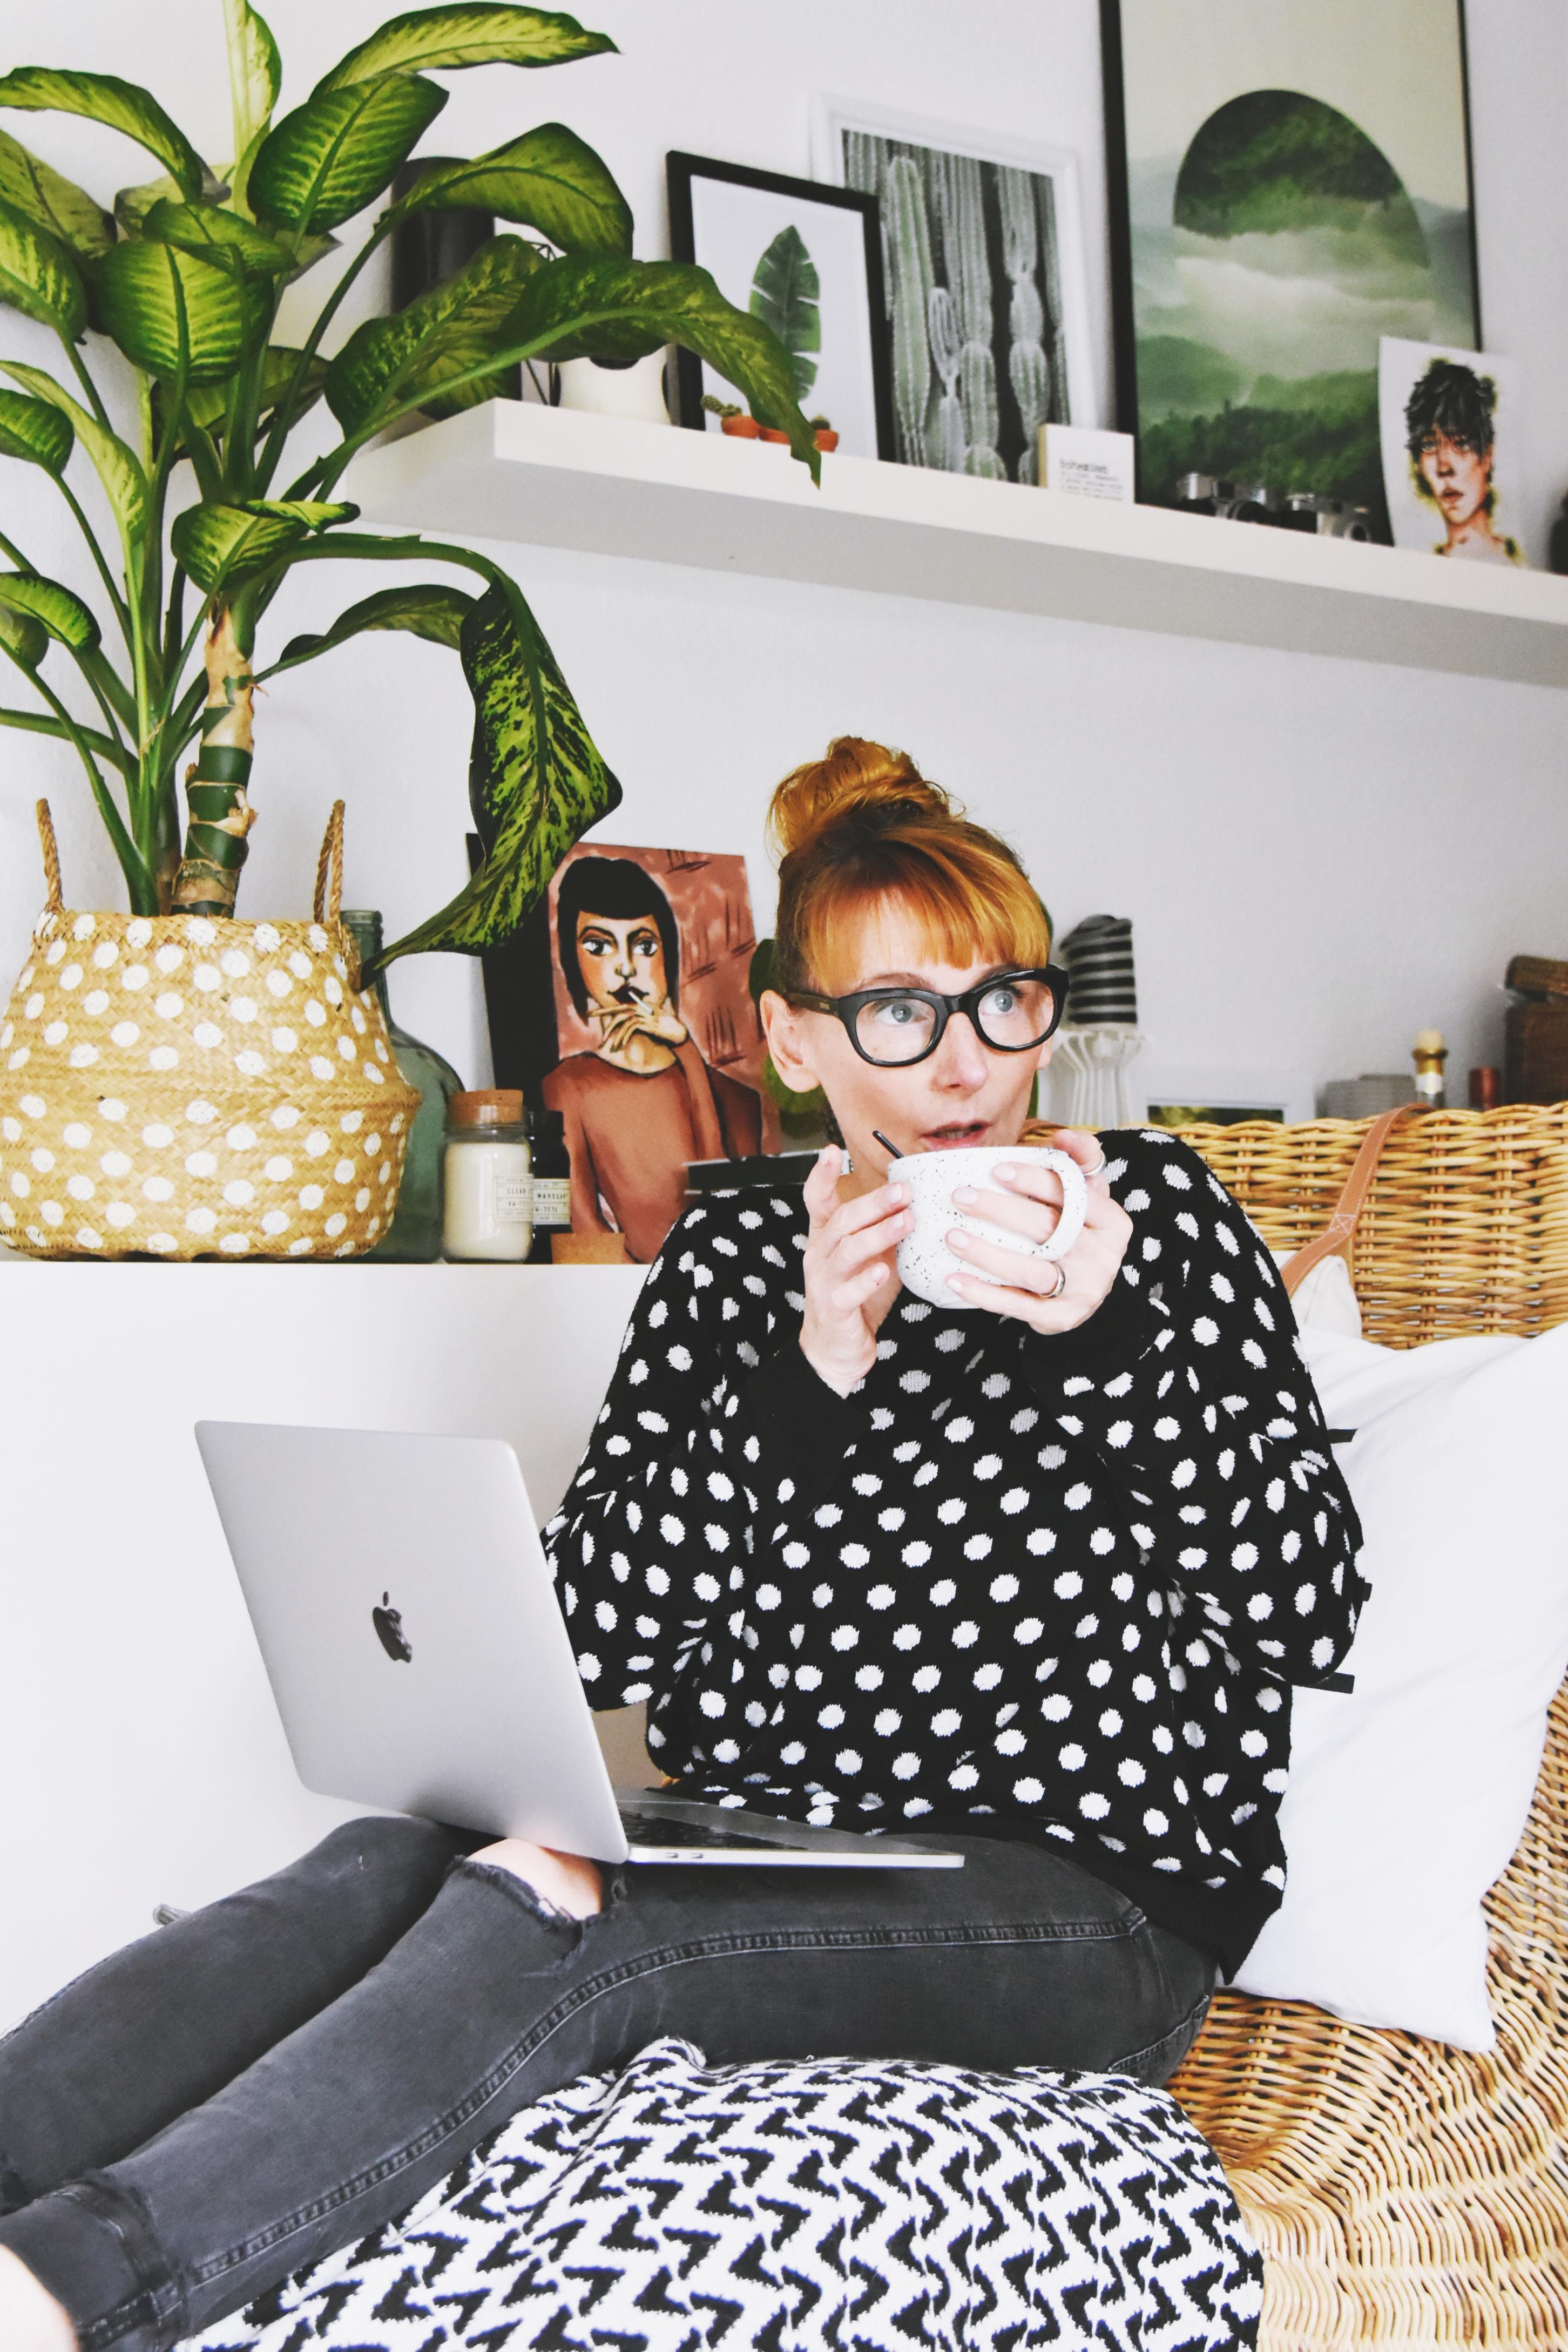 So sieht Nic von luziapimpinella aus, wenn sie einen ihrer tollen Blogposts schreibt. Credit: Nicole Hildebrandt